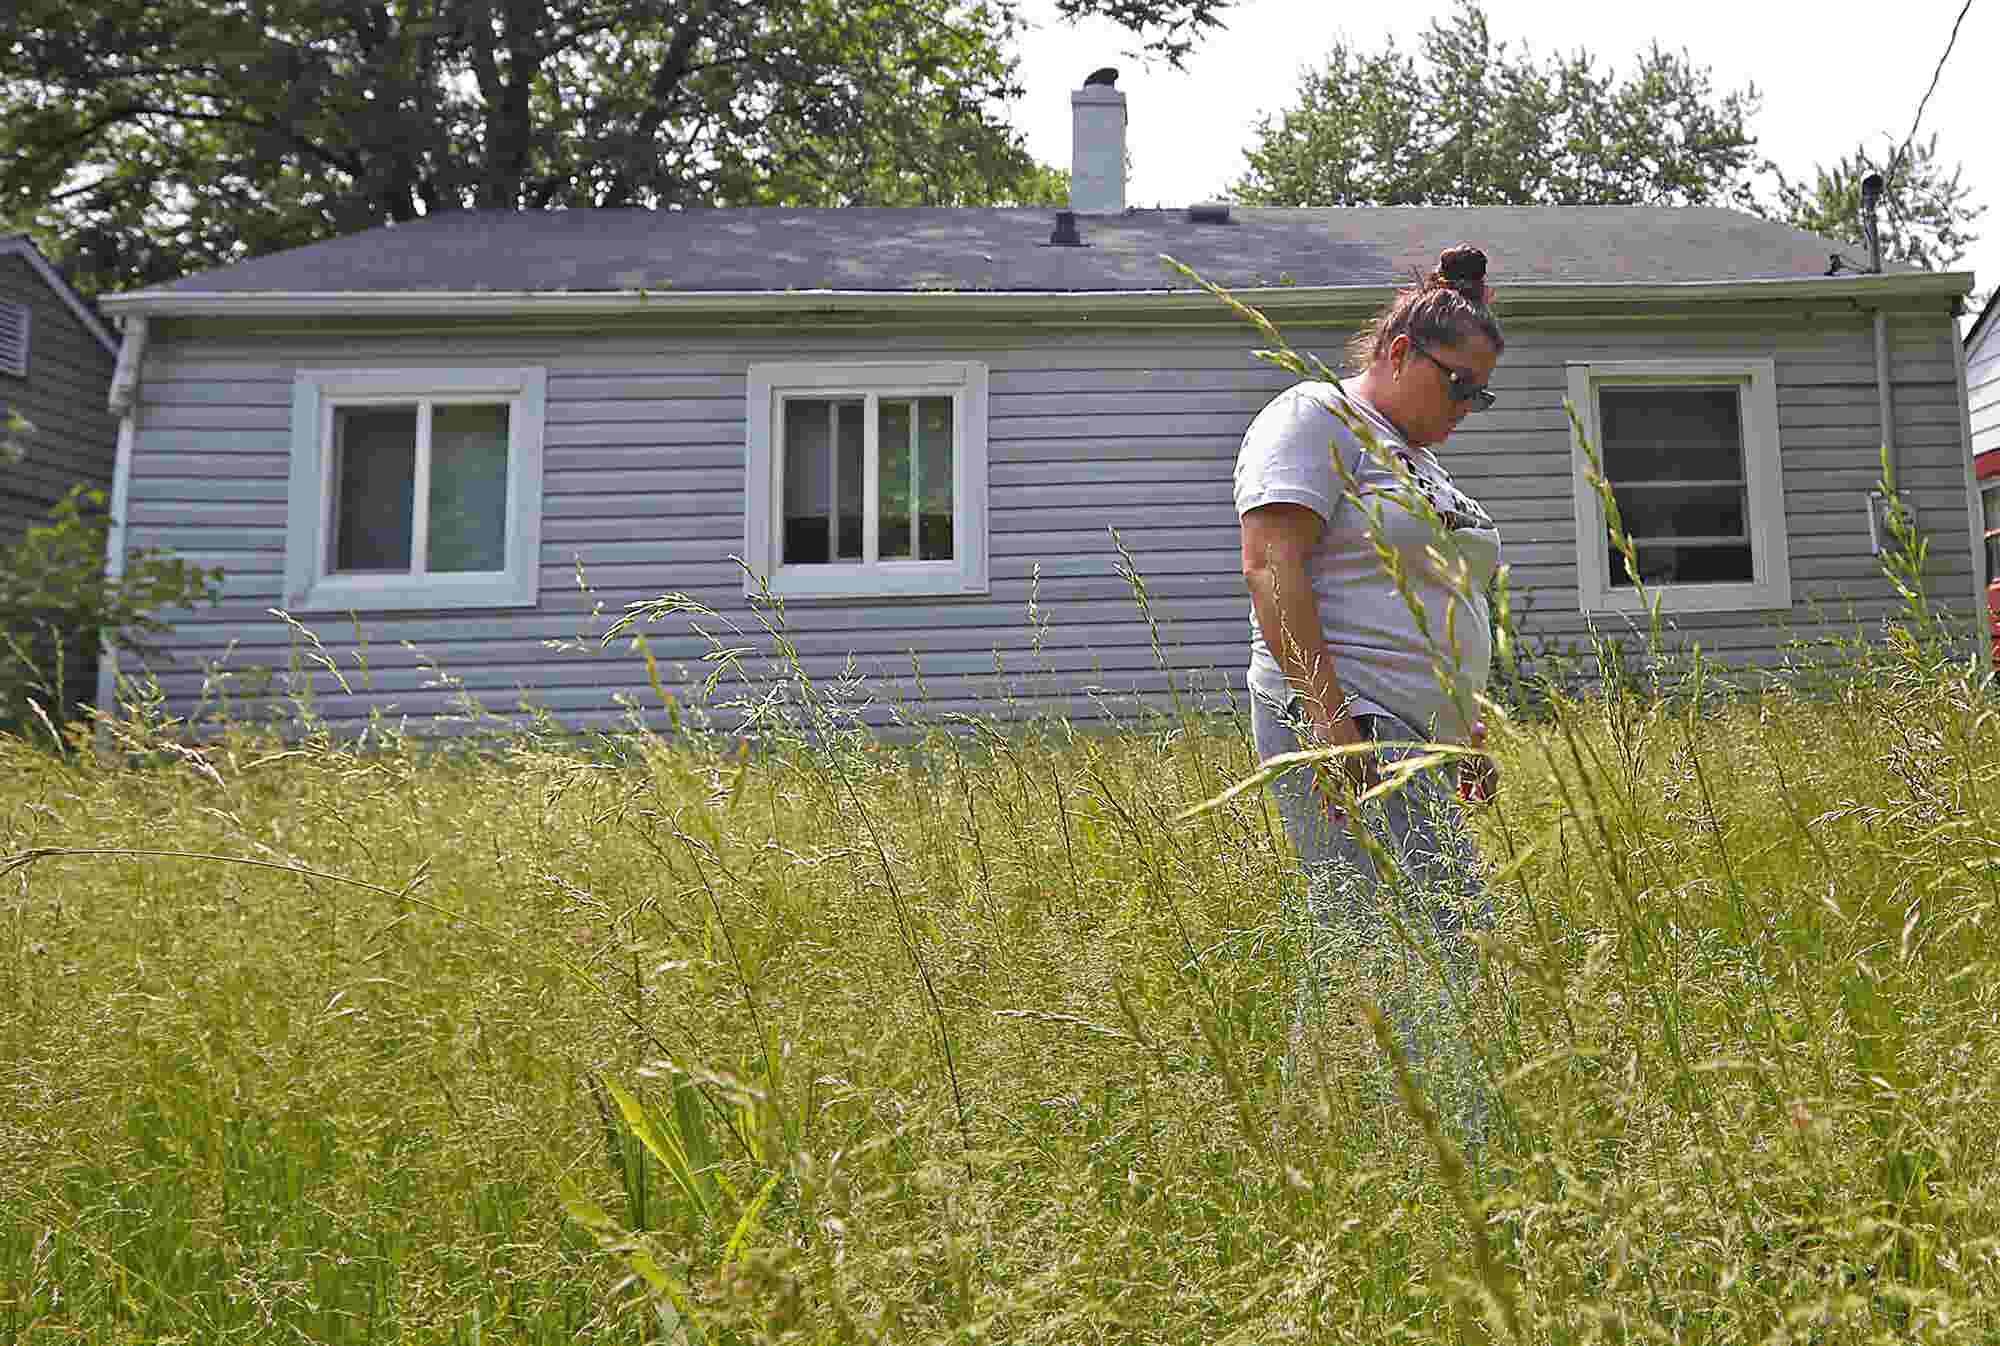 Vulnerable tenants talk about Bert Whalen properties